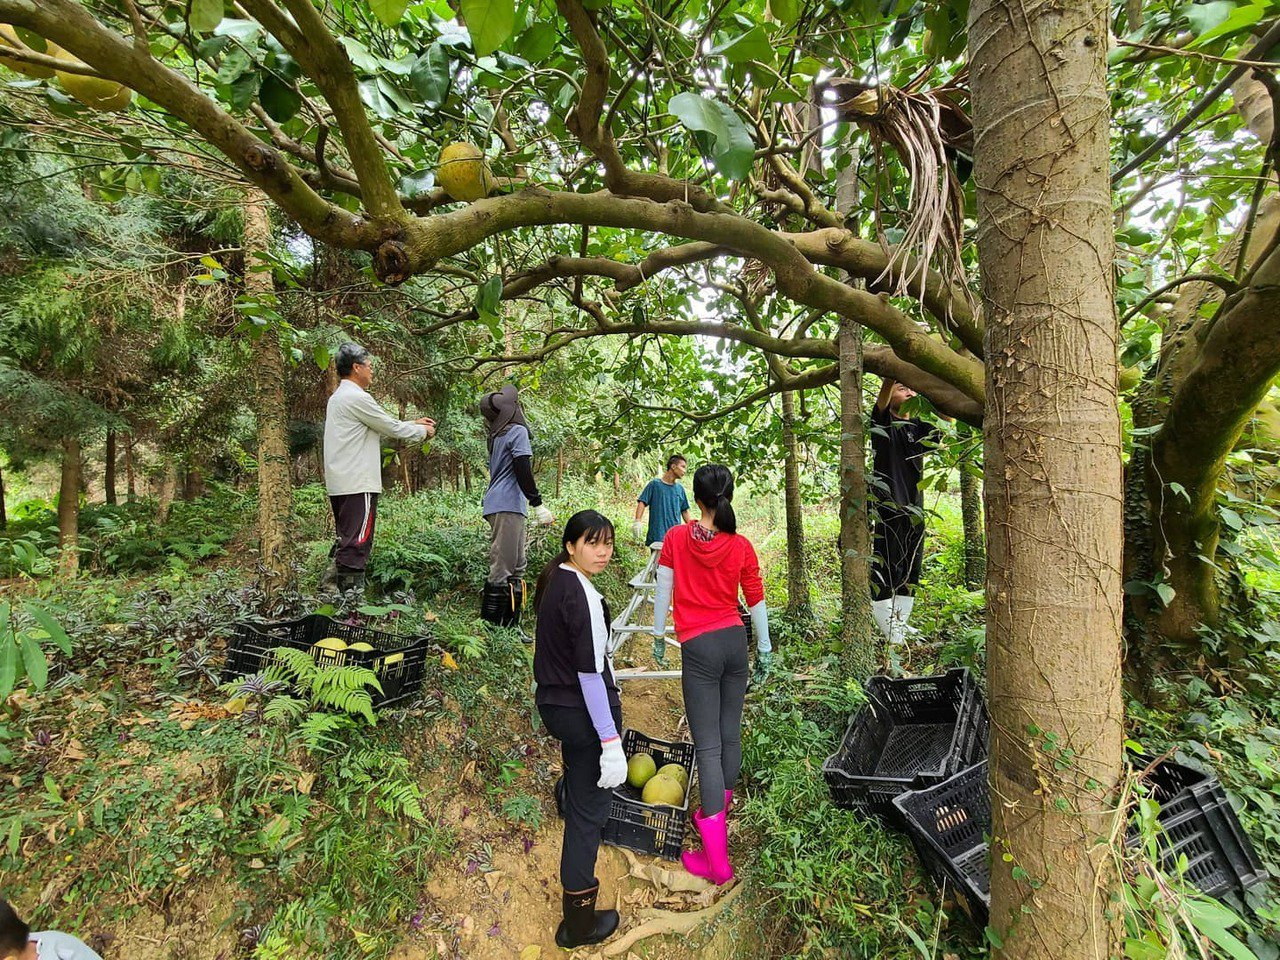 振東柑園貫徹自然農法,果園成了動物天堂,私校學生也來造訪體驗。 圖/振東果園提供